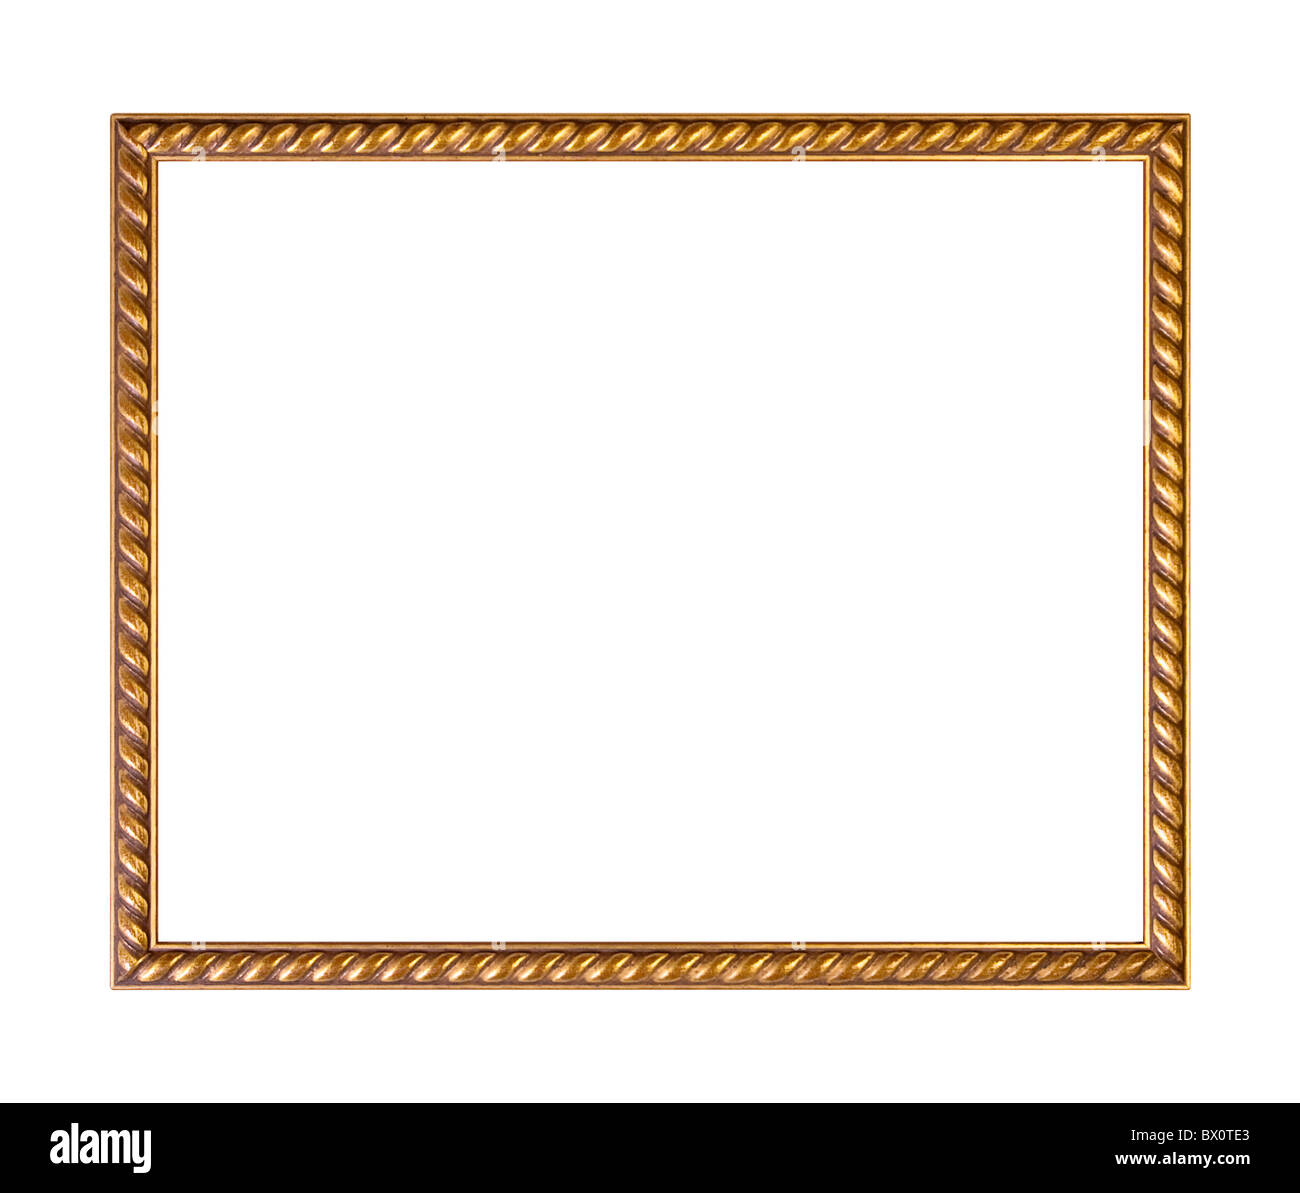 Goldene kunstvoll Bilderrahmen, isoliert auf weiss Stockbild